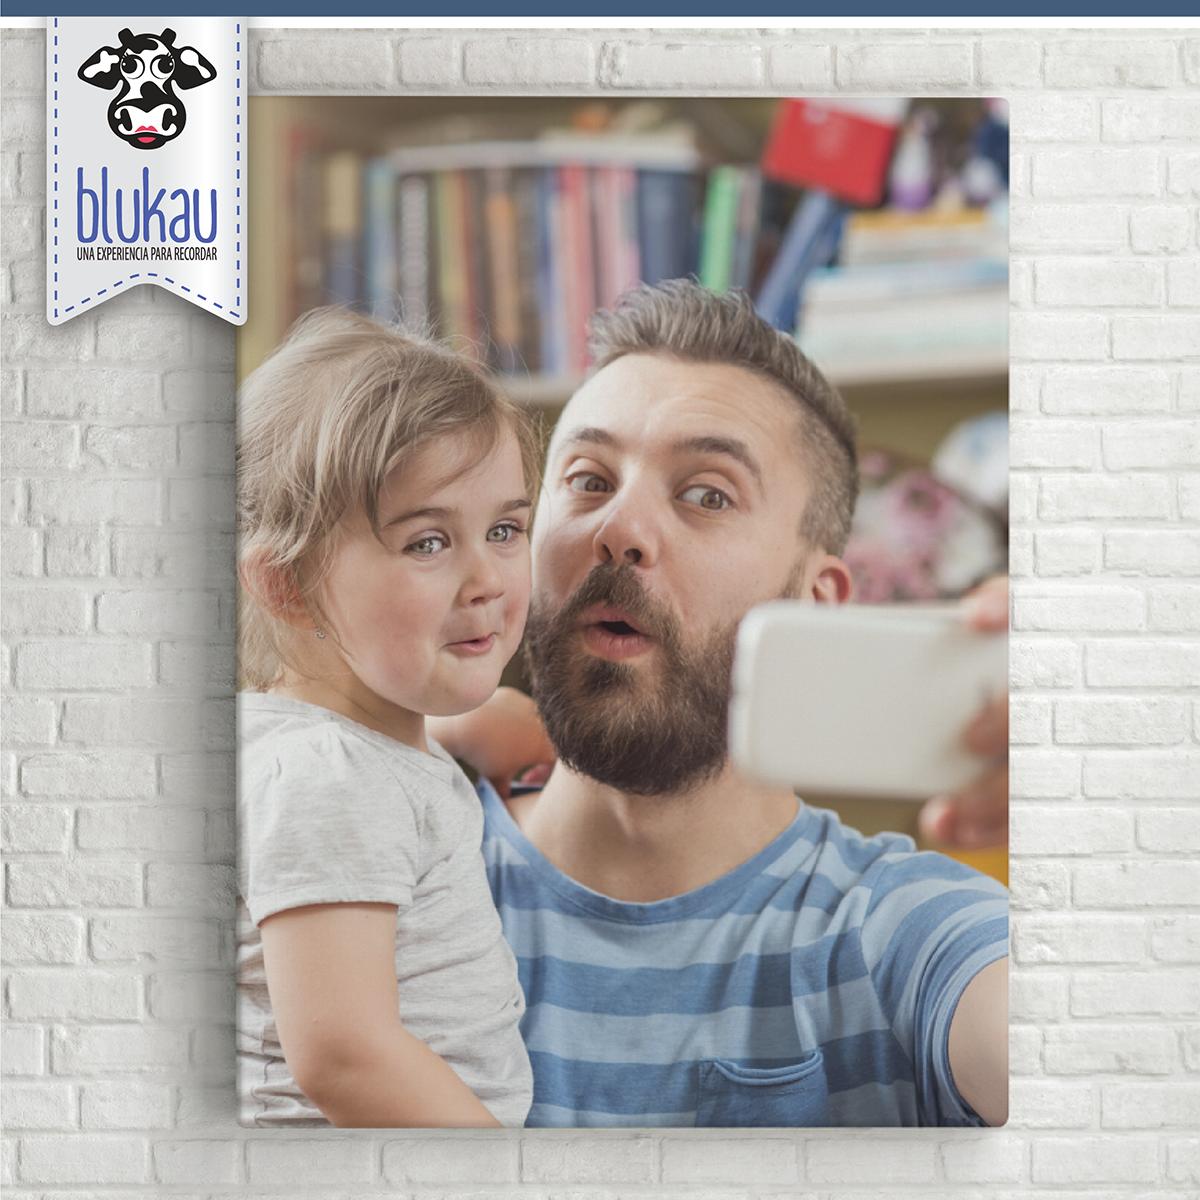 Conoce la impresión en #CANVAS y dale un toque artístico a tu hogar. Increíble para fotos, frases, dibujos y mucho más.